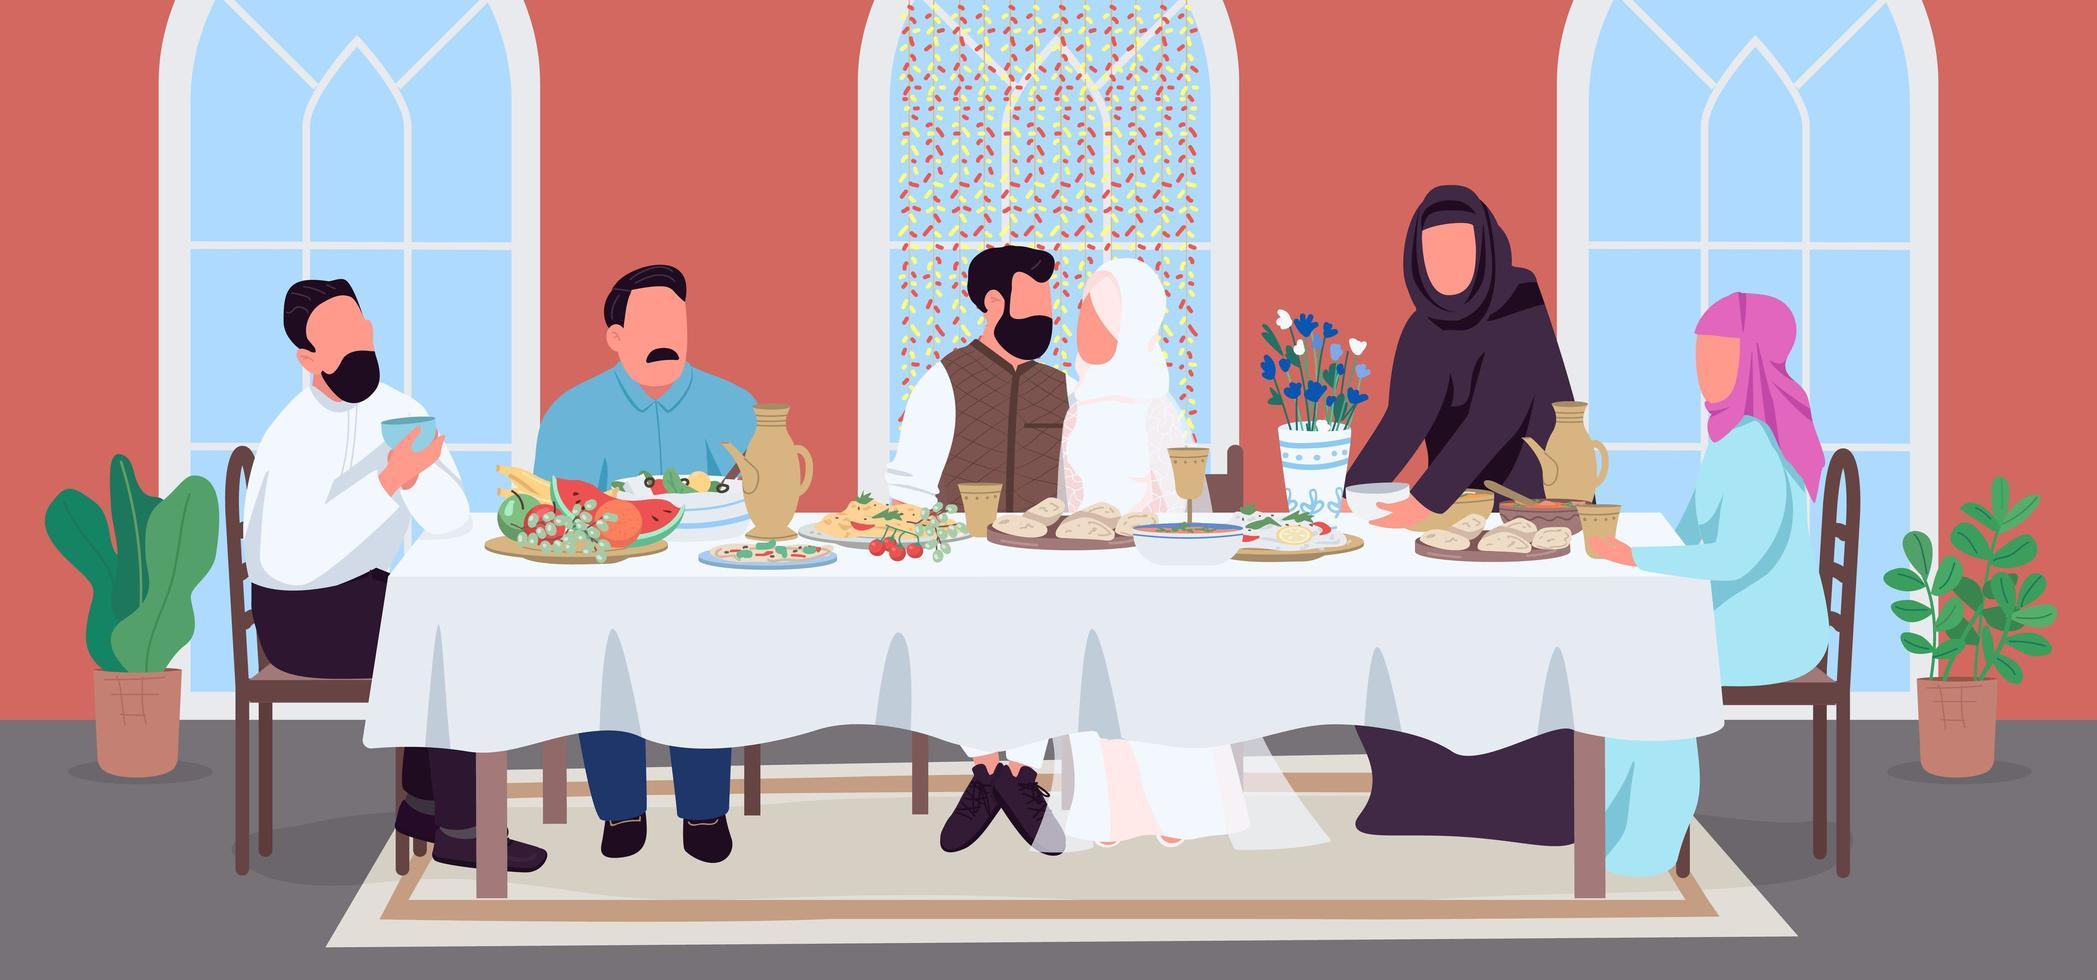 dîner de mariage musulman vecteur